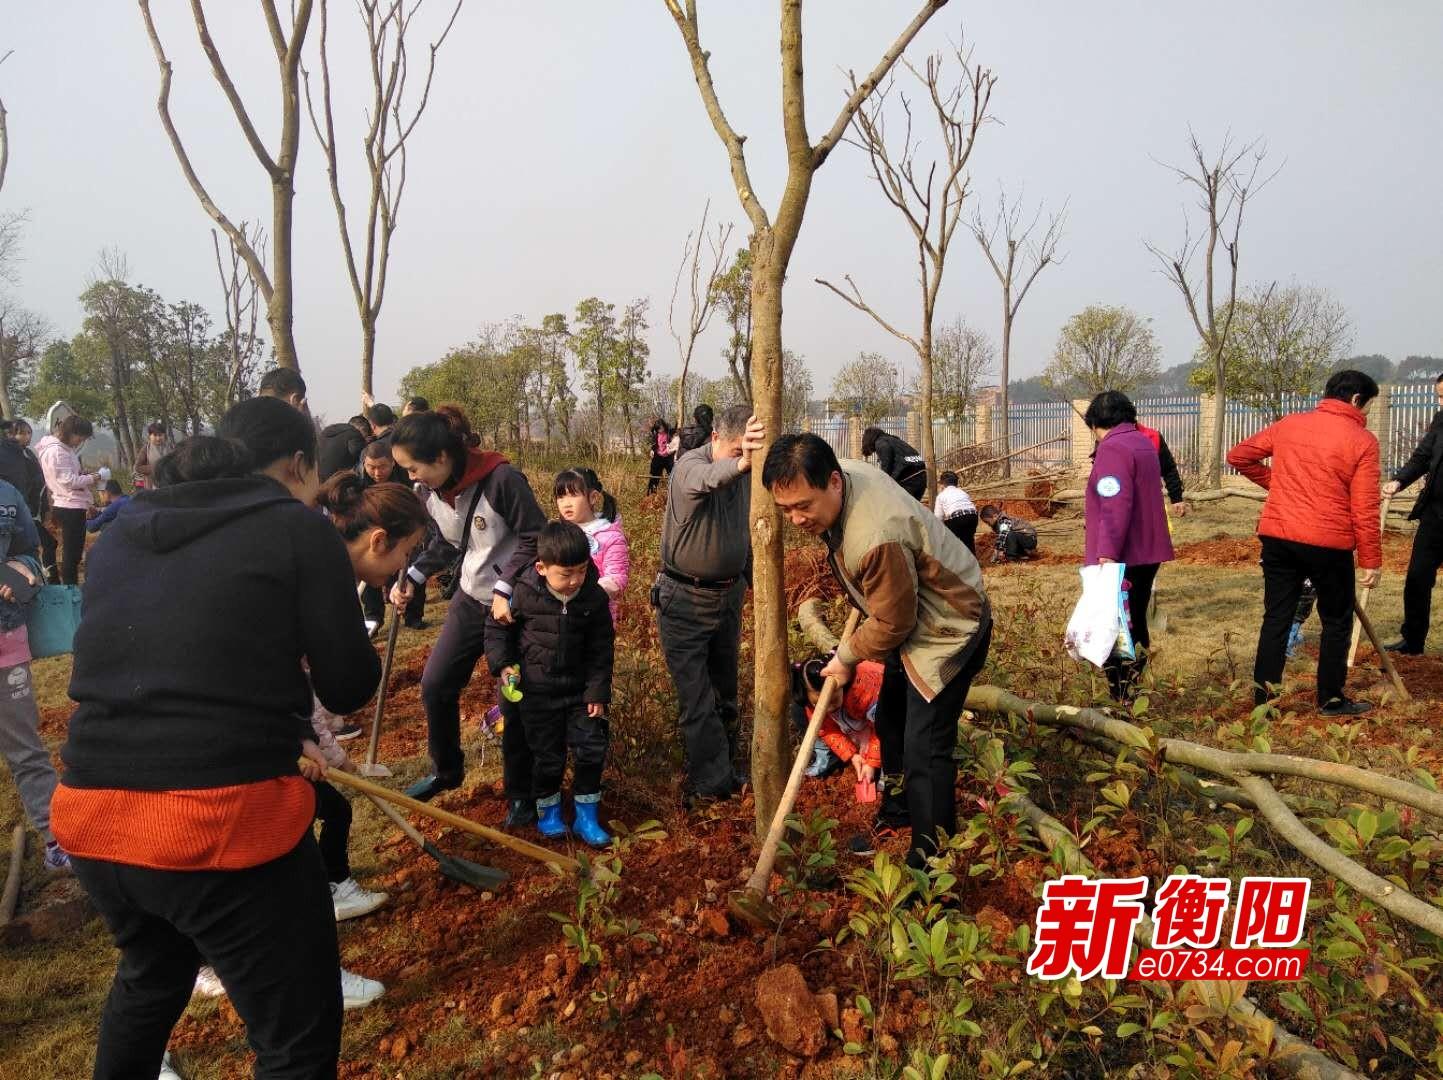 衡阳市园林局组织社会各界人士260人义务植树